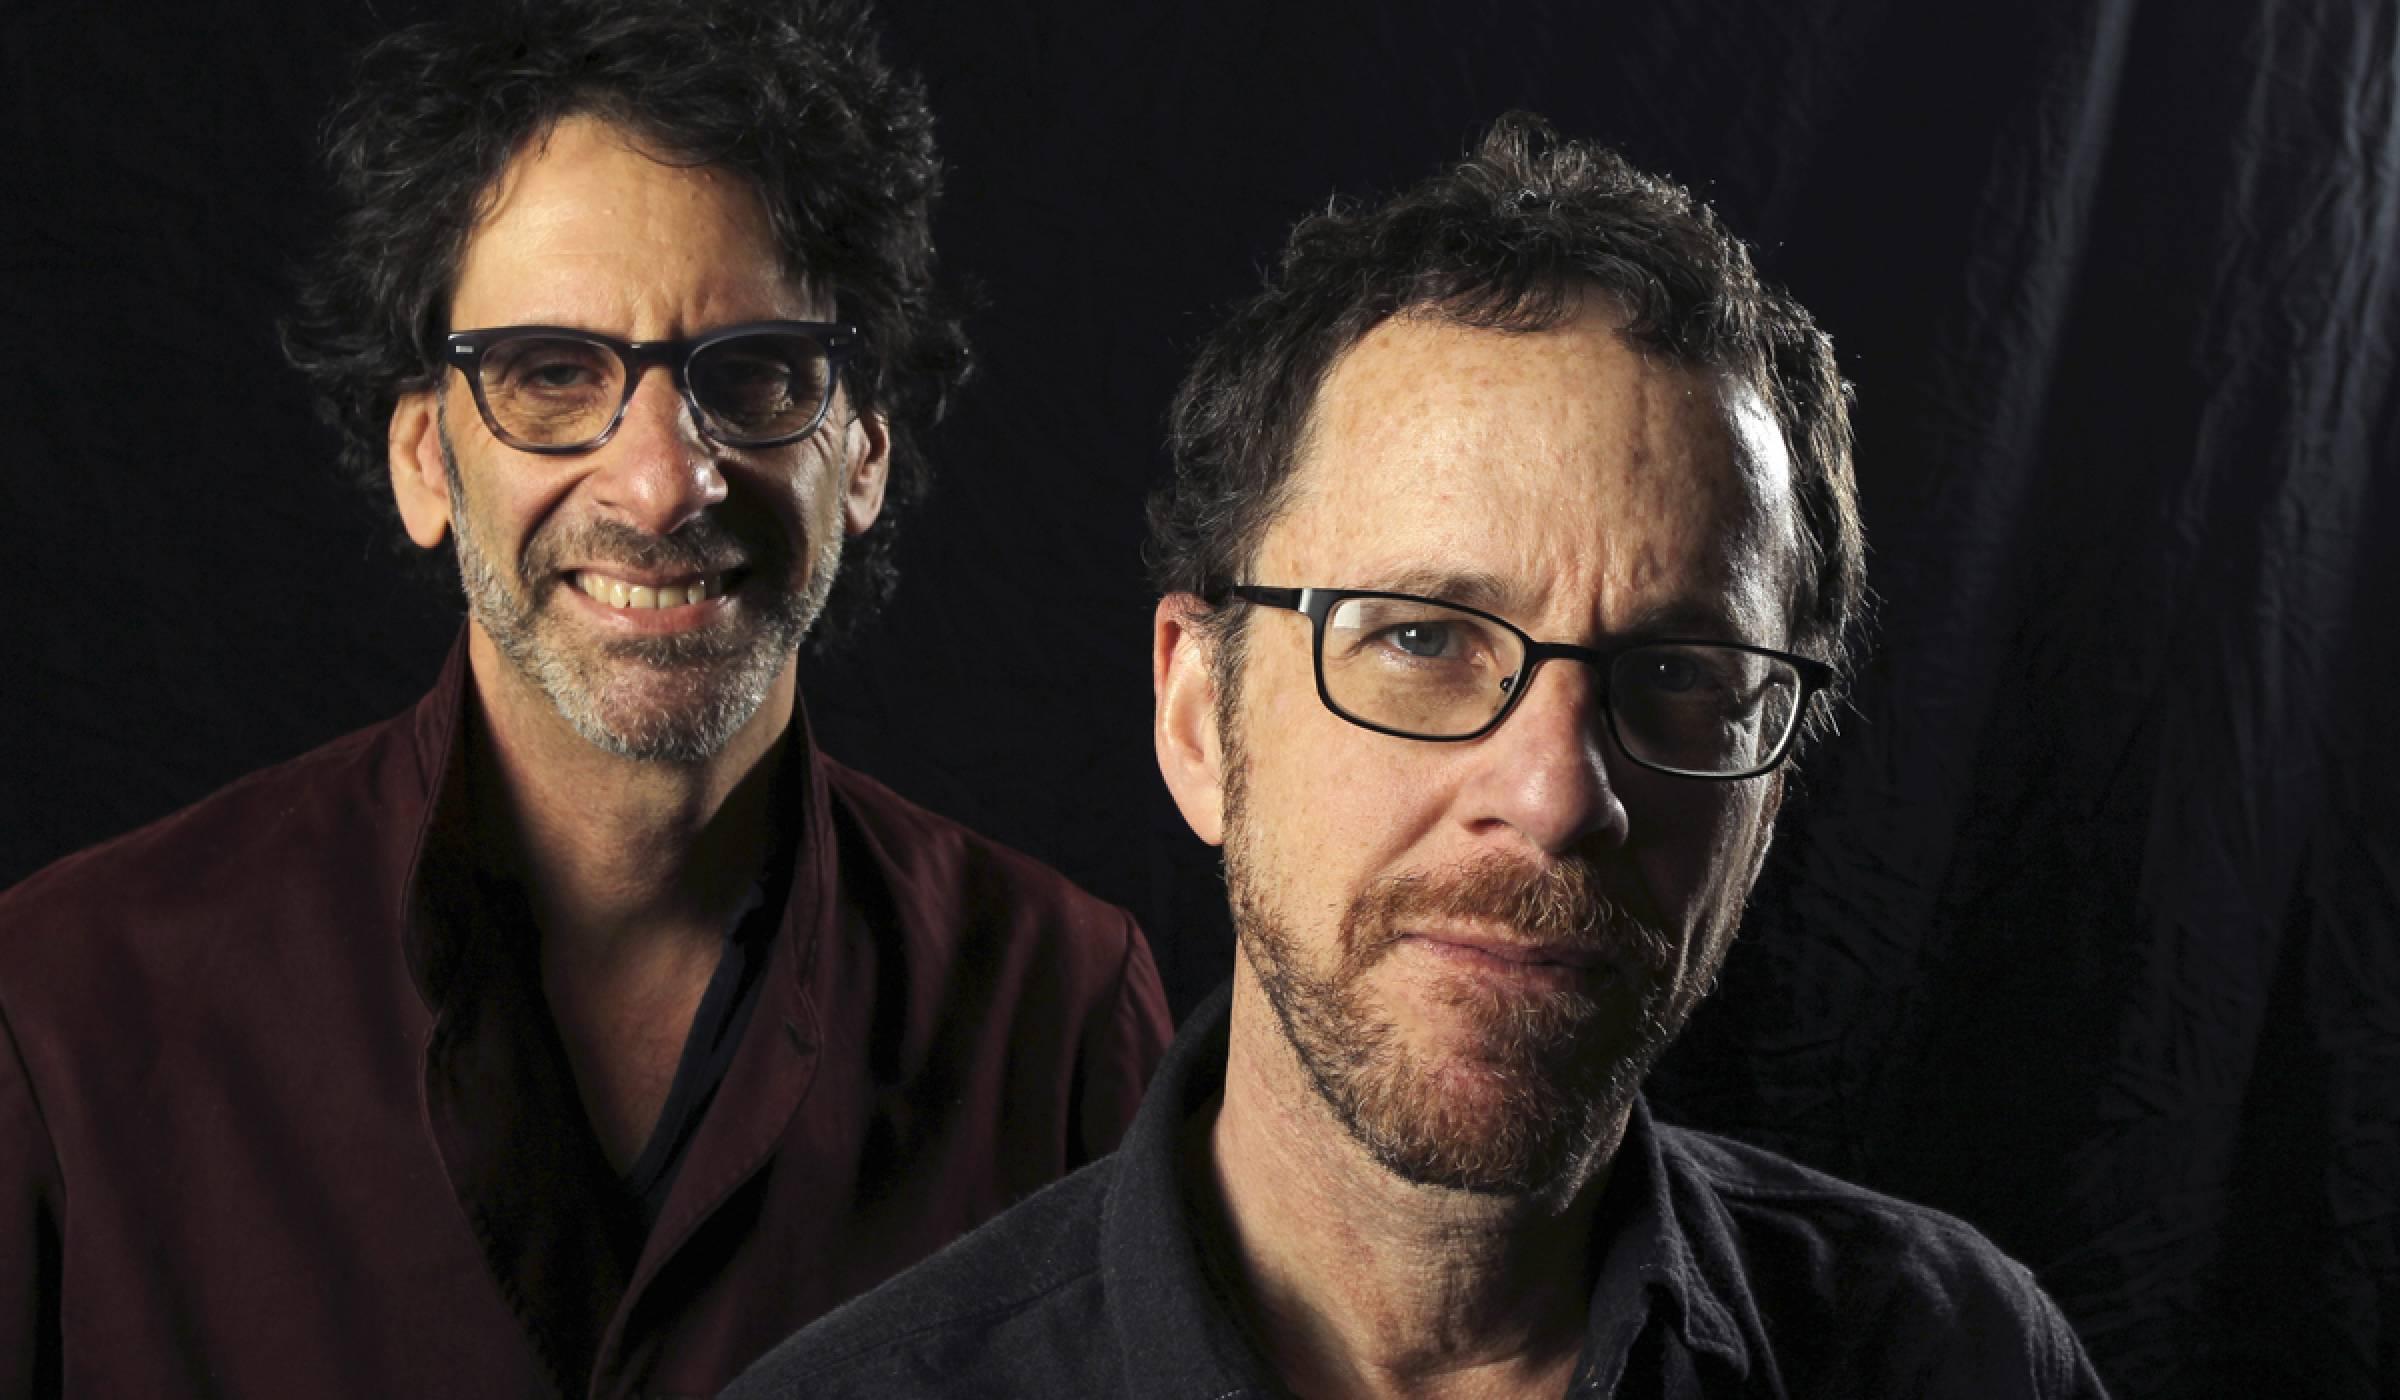 Първият сериал на братята Коен идва през 2018 по Netflix